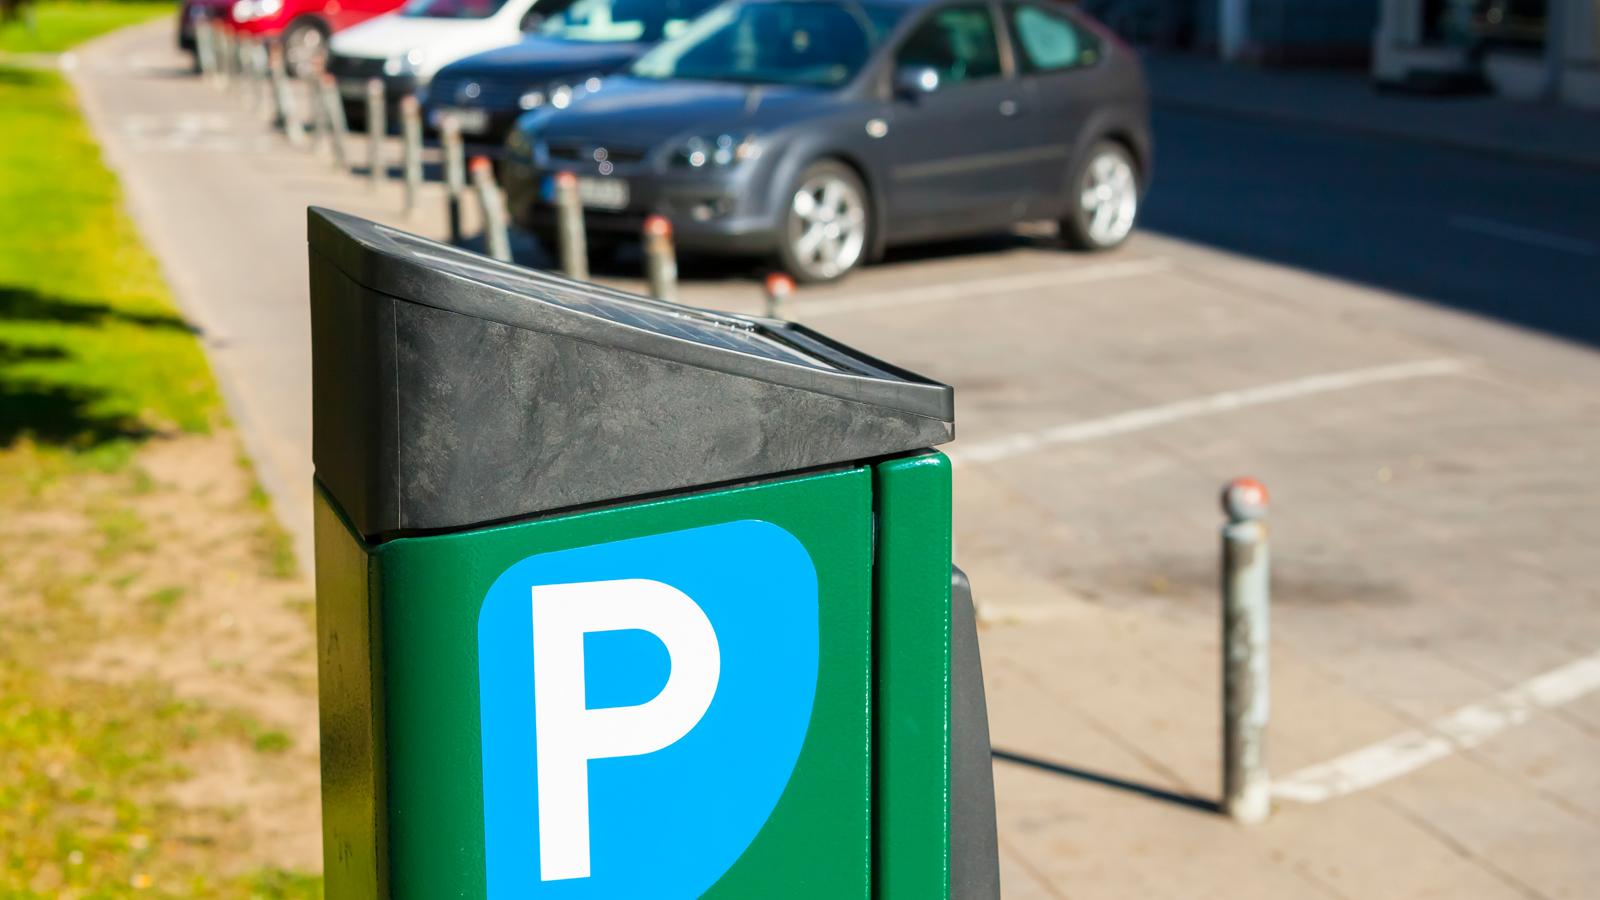 При загруженности менее 50% - парковка должна быть бесплатна